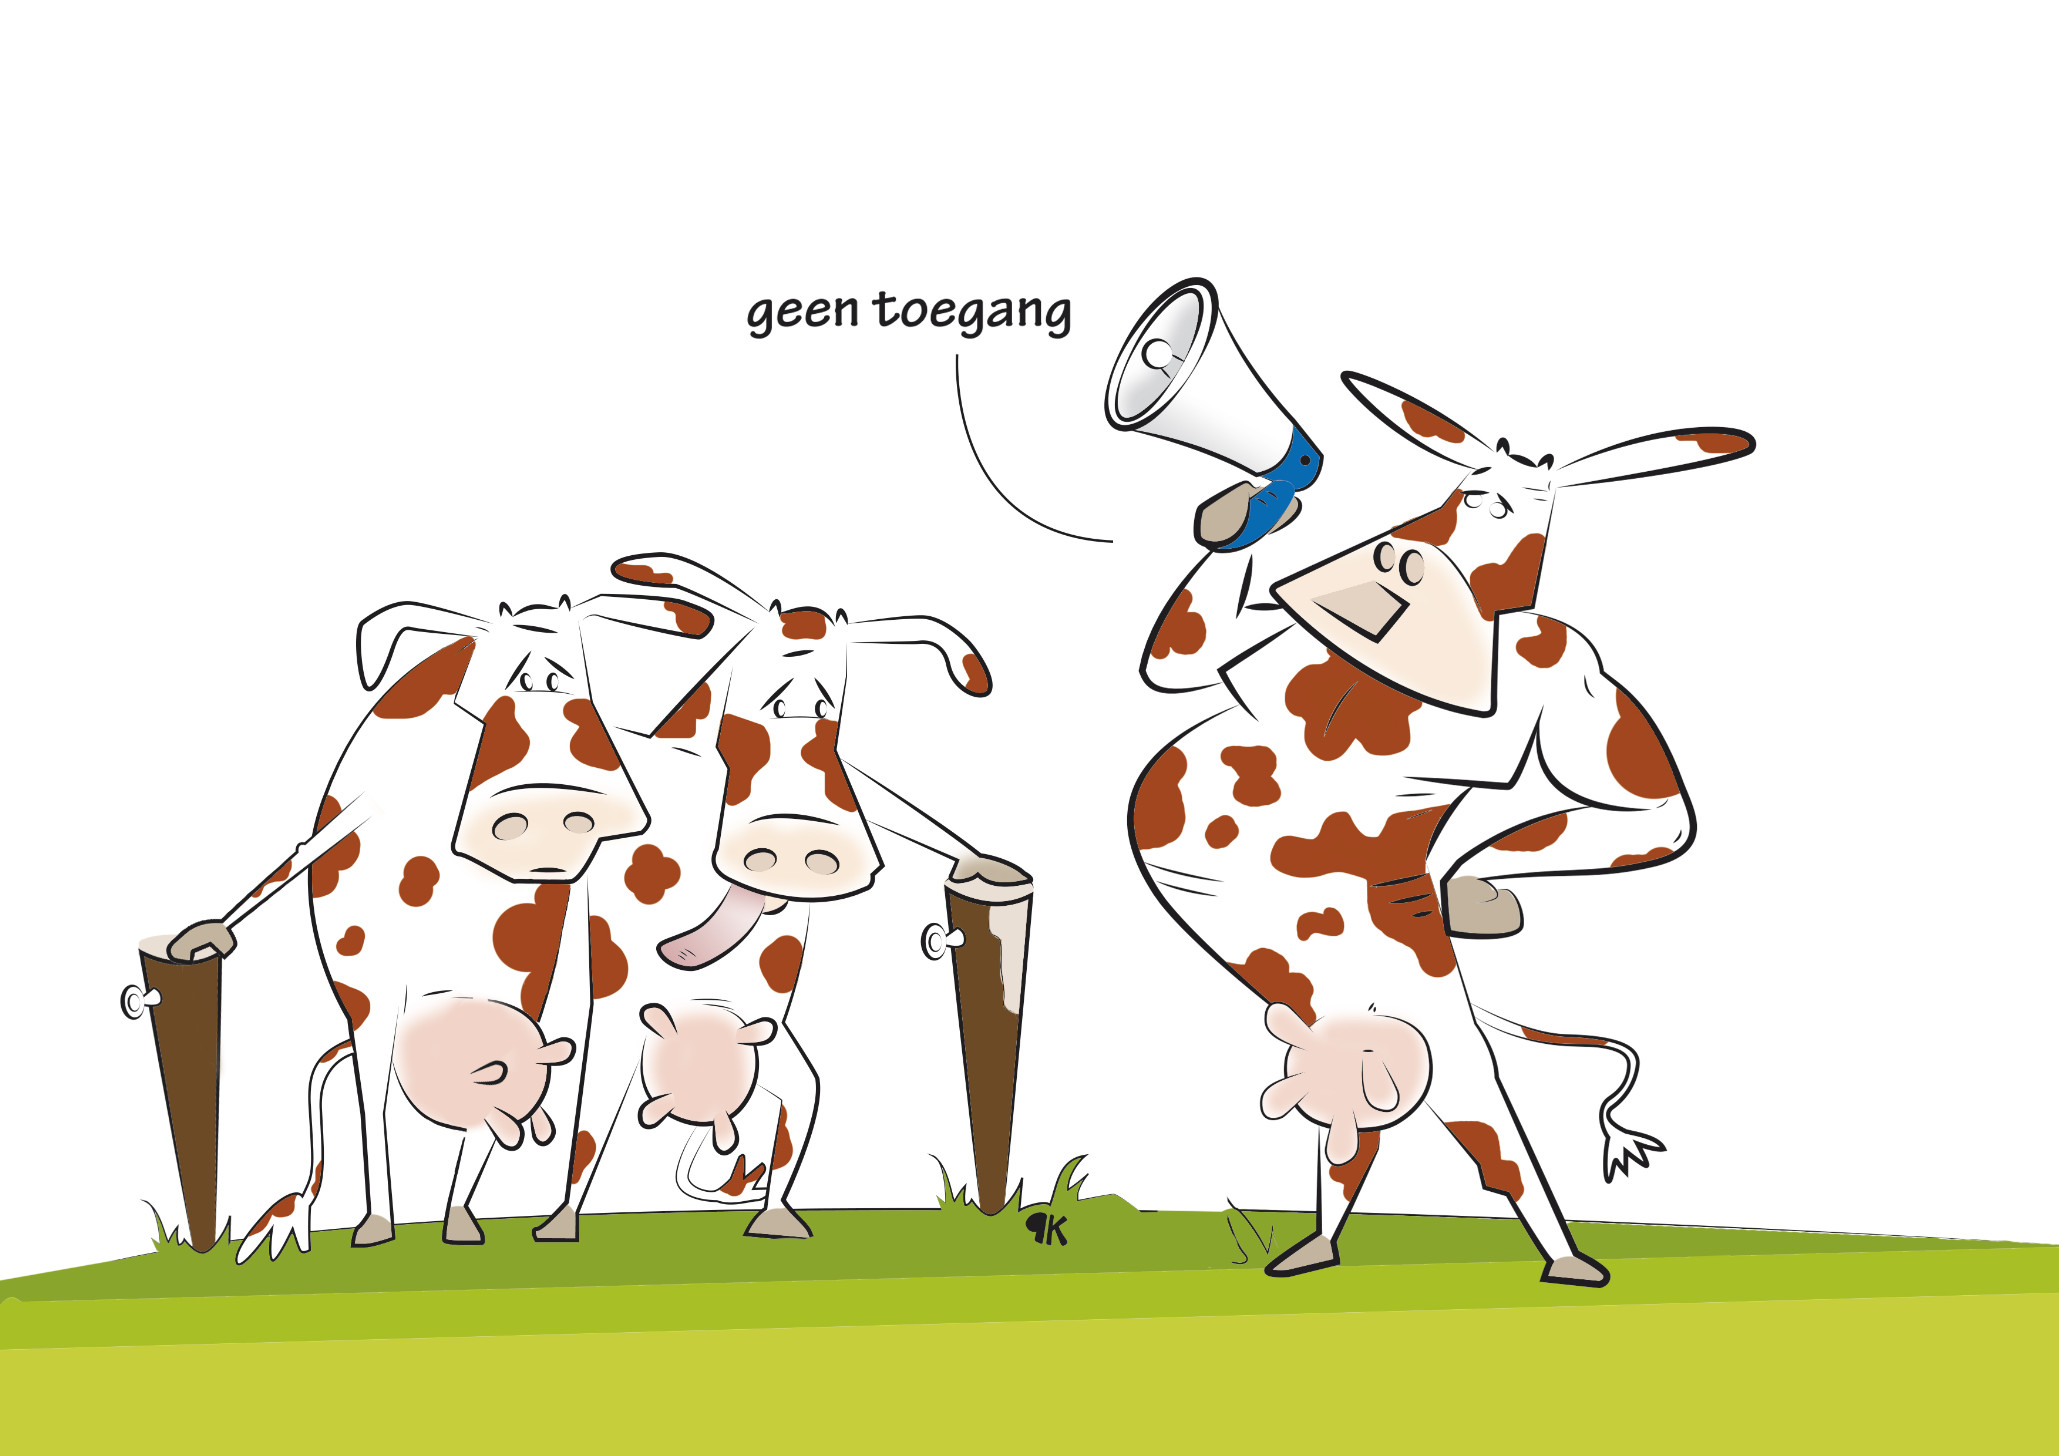 Dating site boeren belgium map